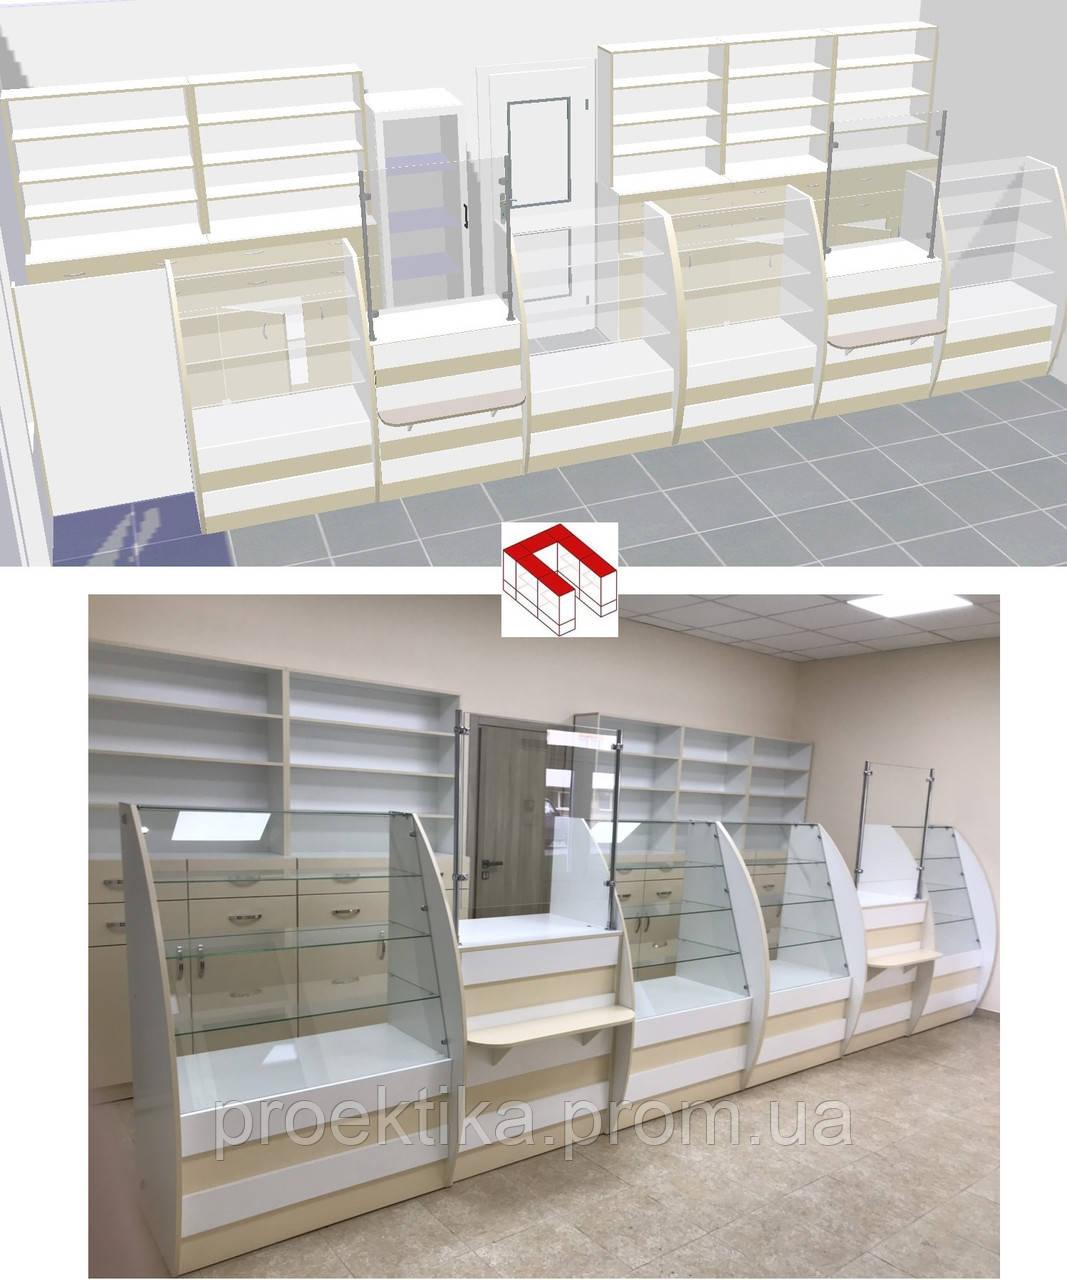 Мебель для аптек. Бежевый цвет аптечного оборудования., фото 1